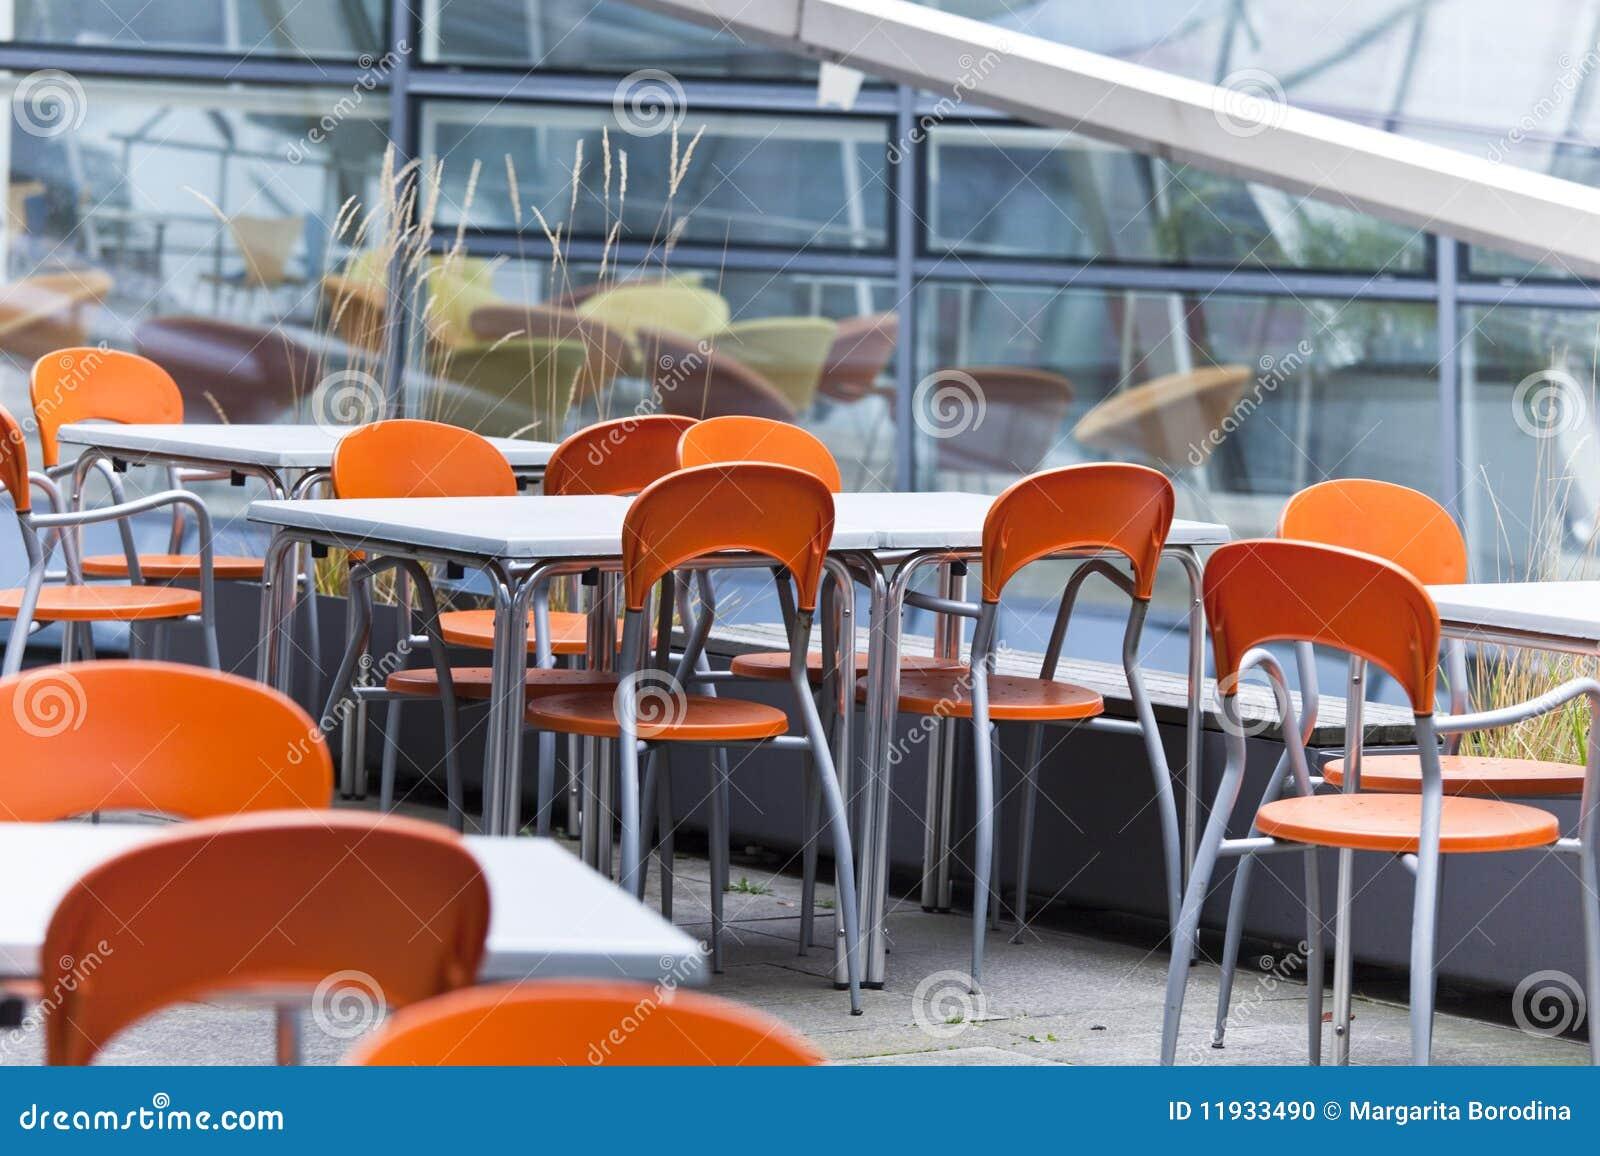 Gekleurde Eettafel Stoelen.Lijsten En Gekleurde Stoelen In Een Straatkoffie Stock Foto